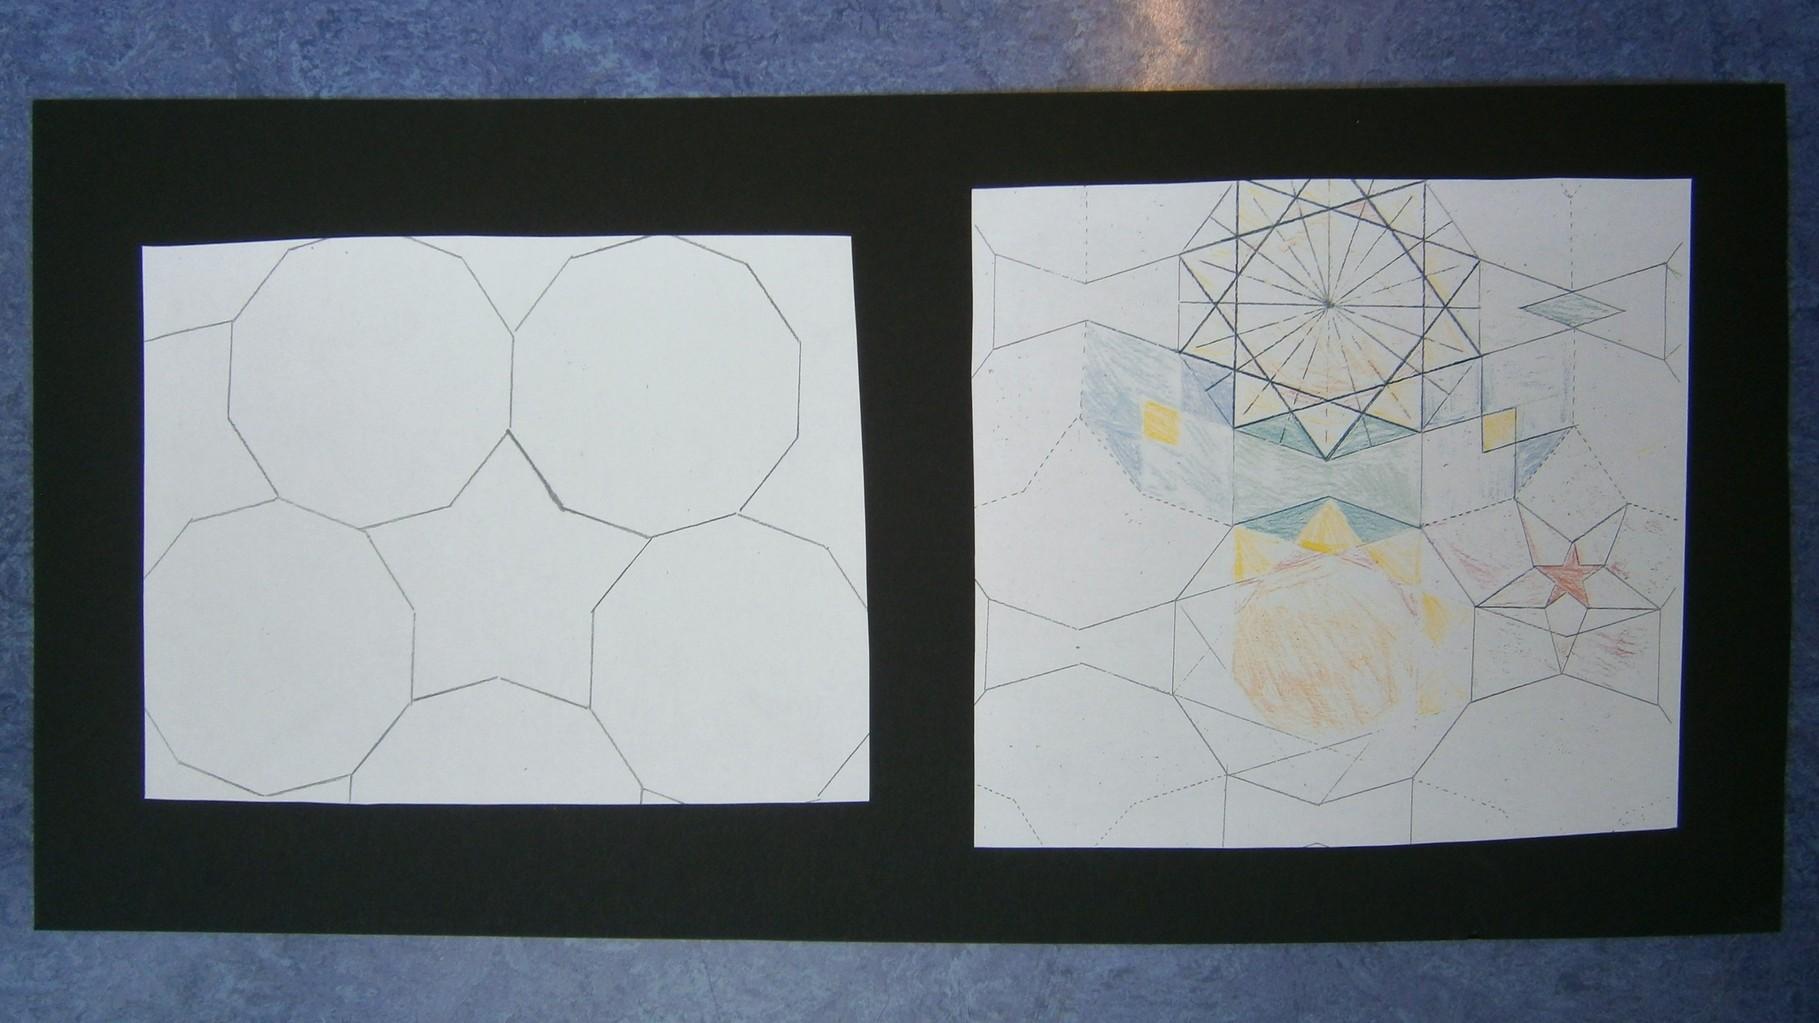 Eerste ontwerppoging van deze groep met een interessant basispatroon liep vast doordat de sterren onjuist in de veelhoeken waren geplaatst. Tweede poging ging beter: . . .